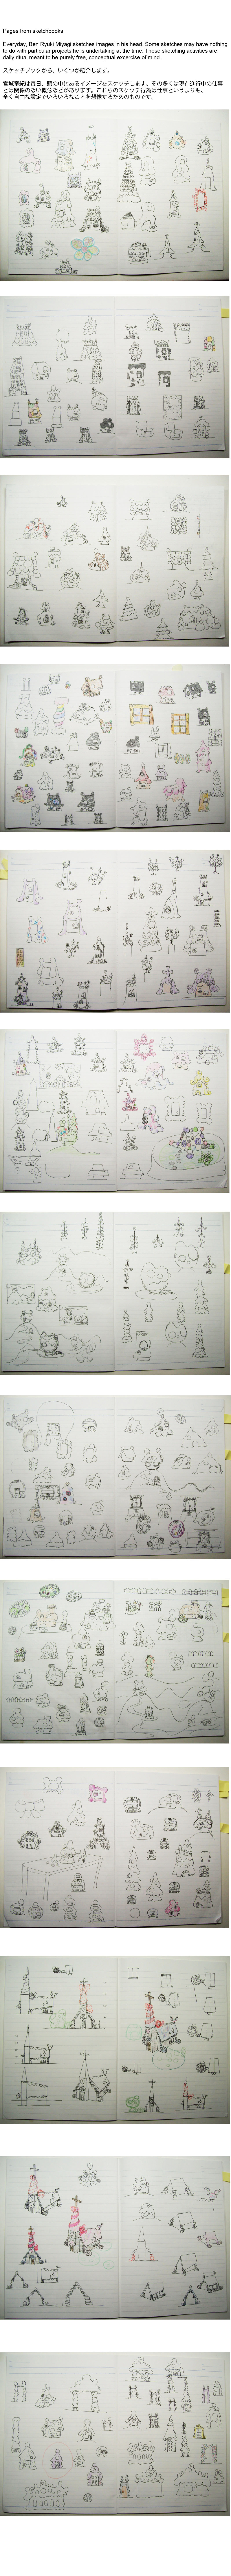 Sketch2018.jpg